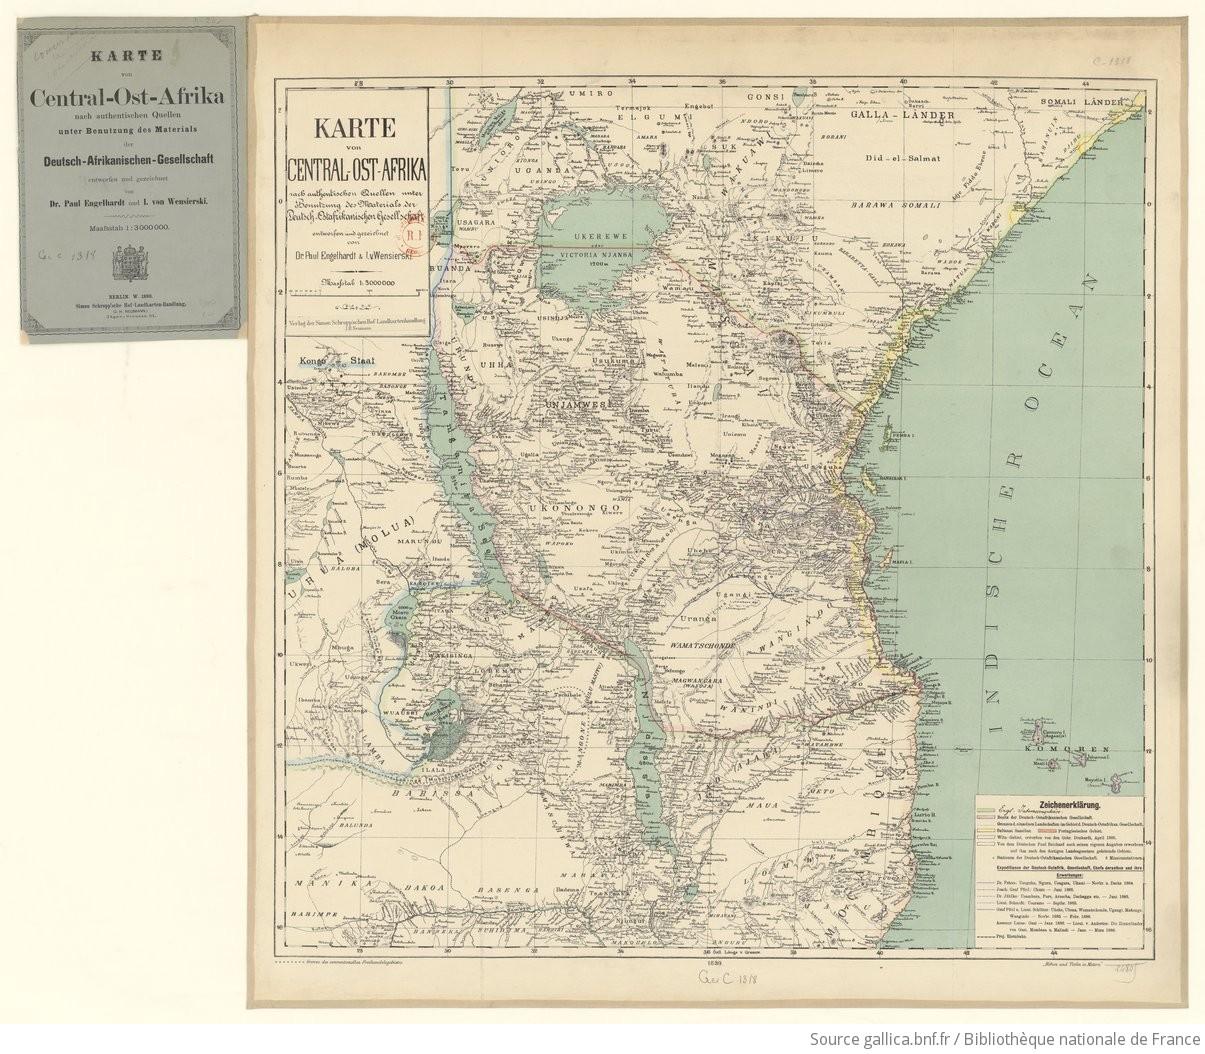 Afrika Karte Deutsch.Karte Von Central Ost Afrika Nach Authentischen Quellen Unter